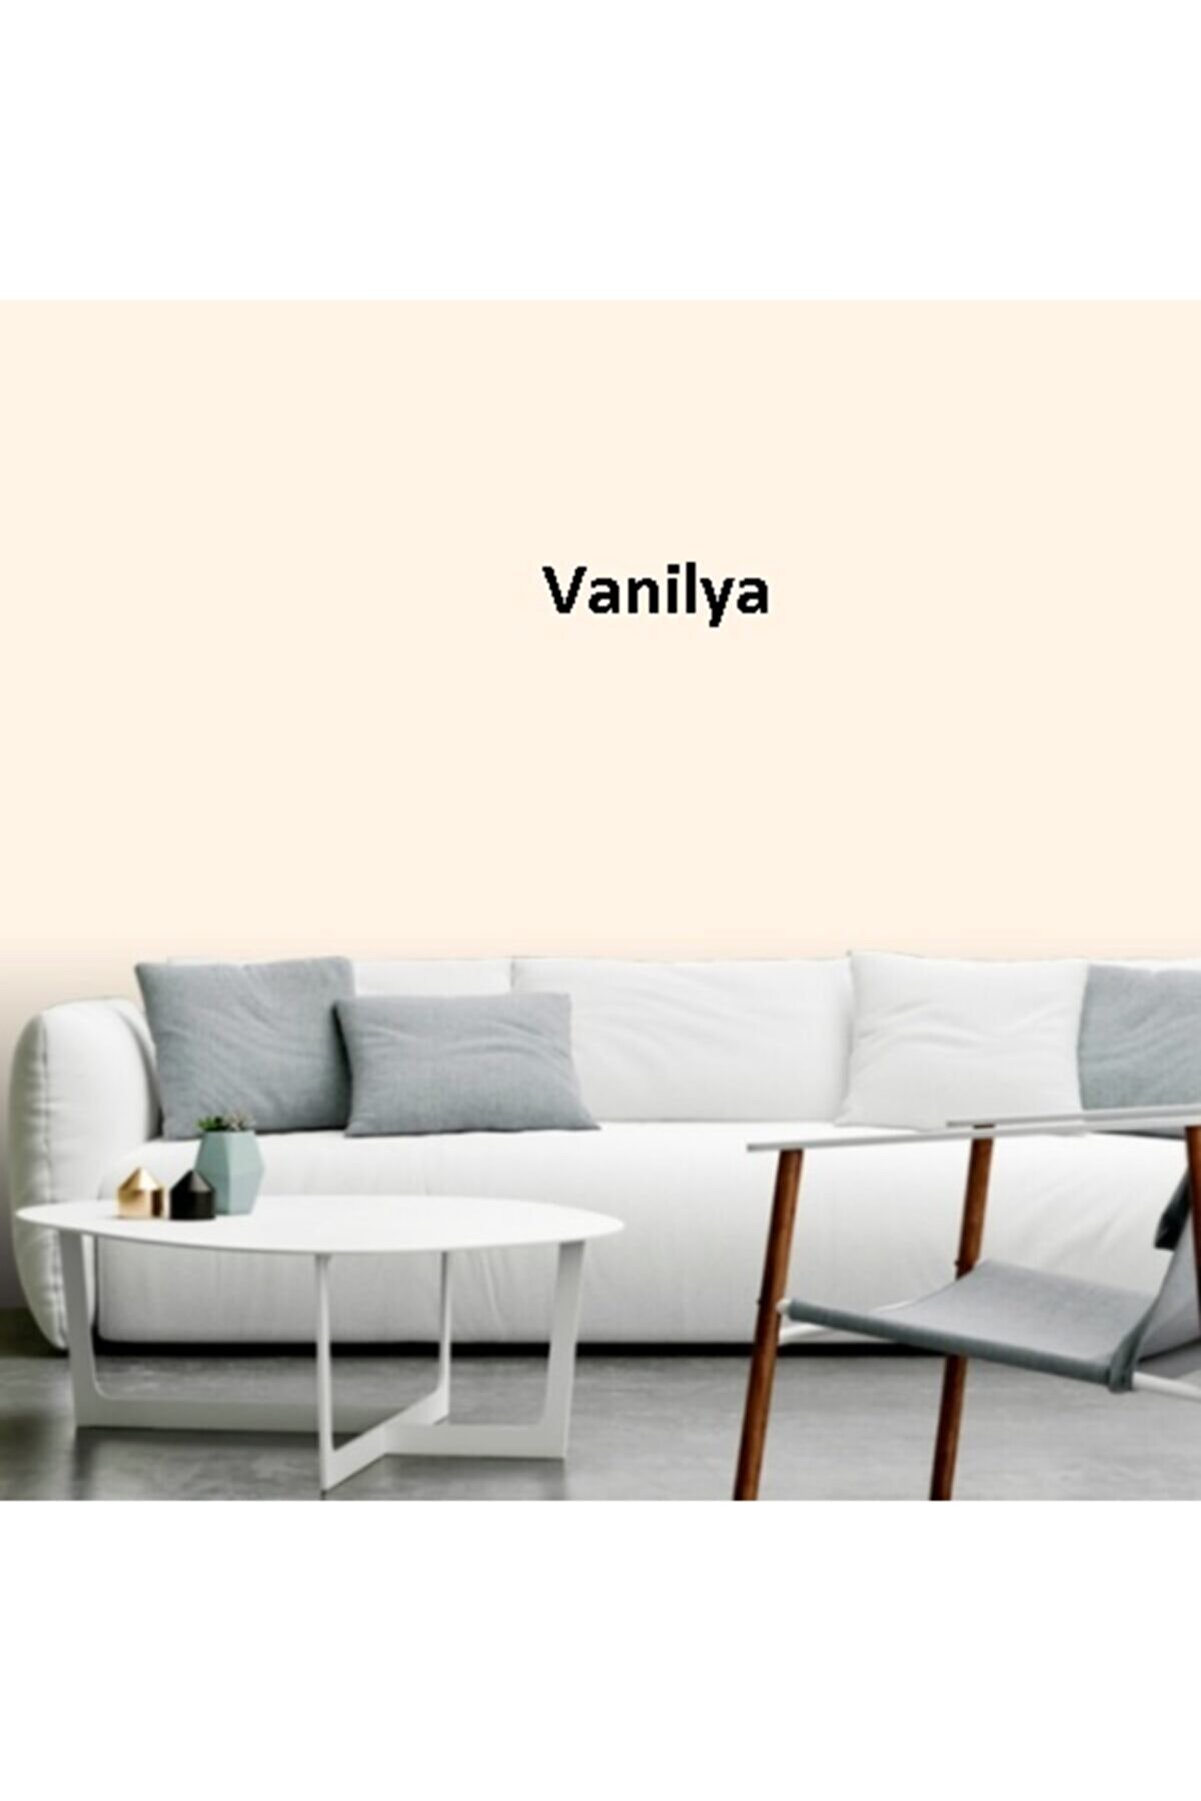 Filli Boya Momento Silan 2.5lt Renk:vanilya Ipeksi Mat Tam Silinebilir Iç Cephe Boyası